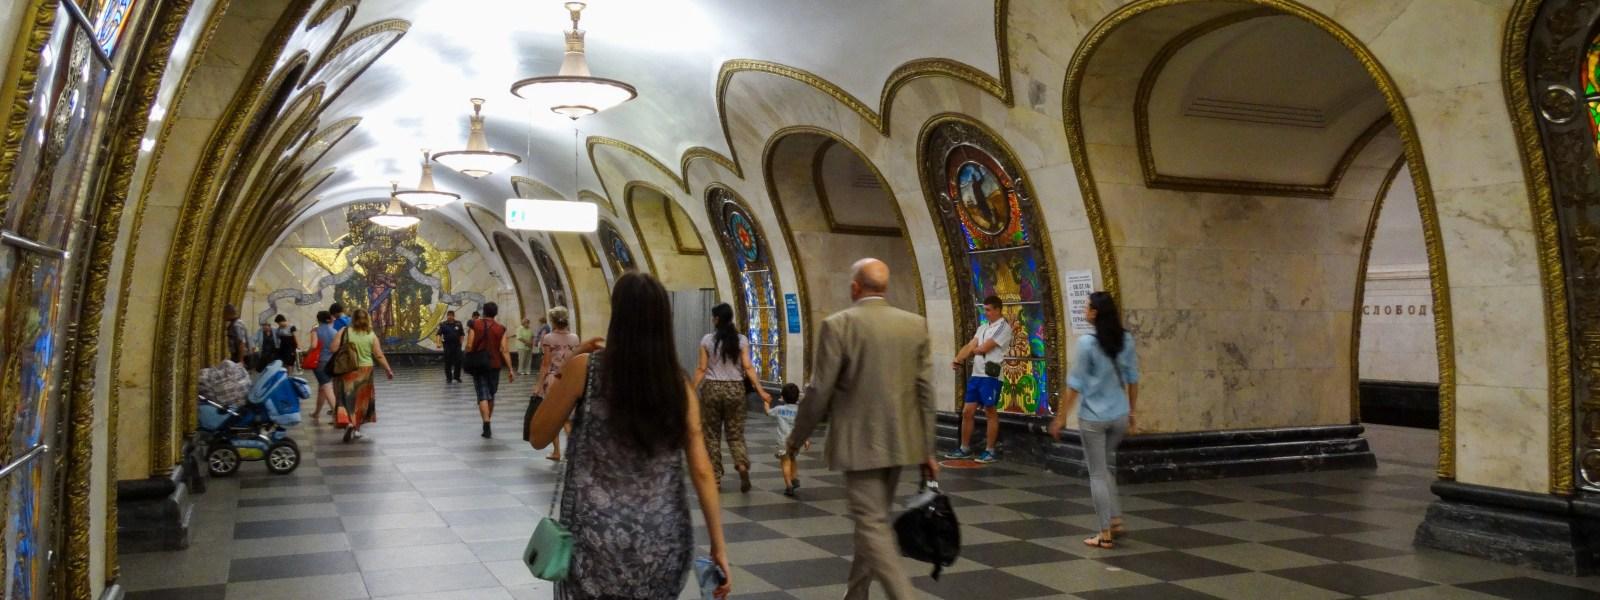 De ondergrondse paleizen in de metro van Moskou